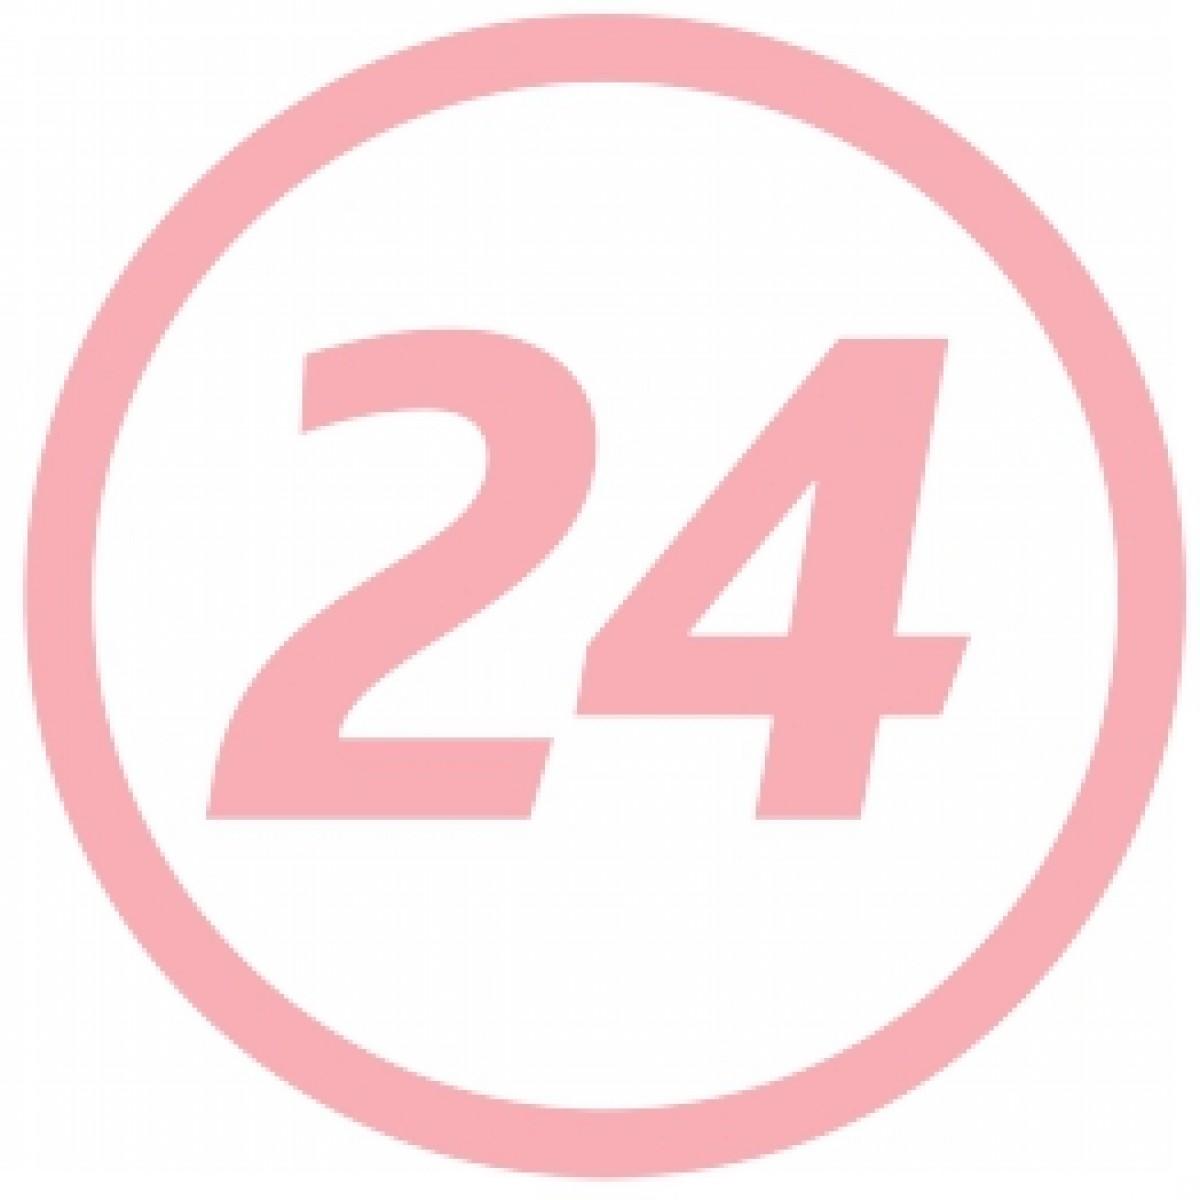 La Roche-Posay Lipikar Xerand Crema Reparatoare Maini Foarte Uscate, Crema, 50ml